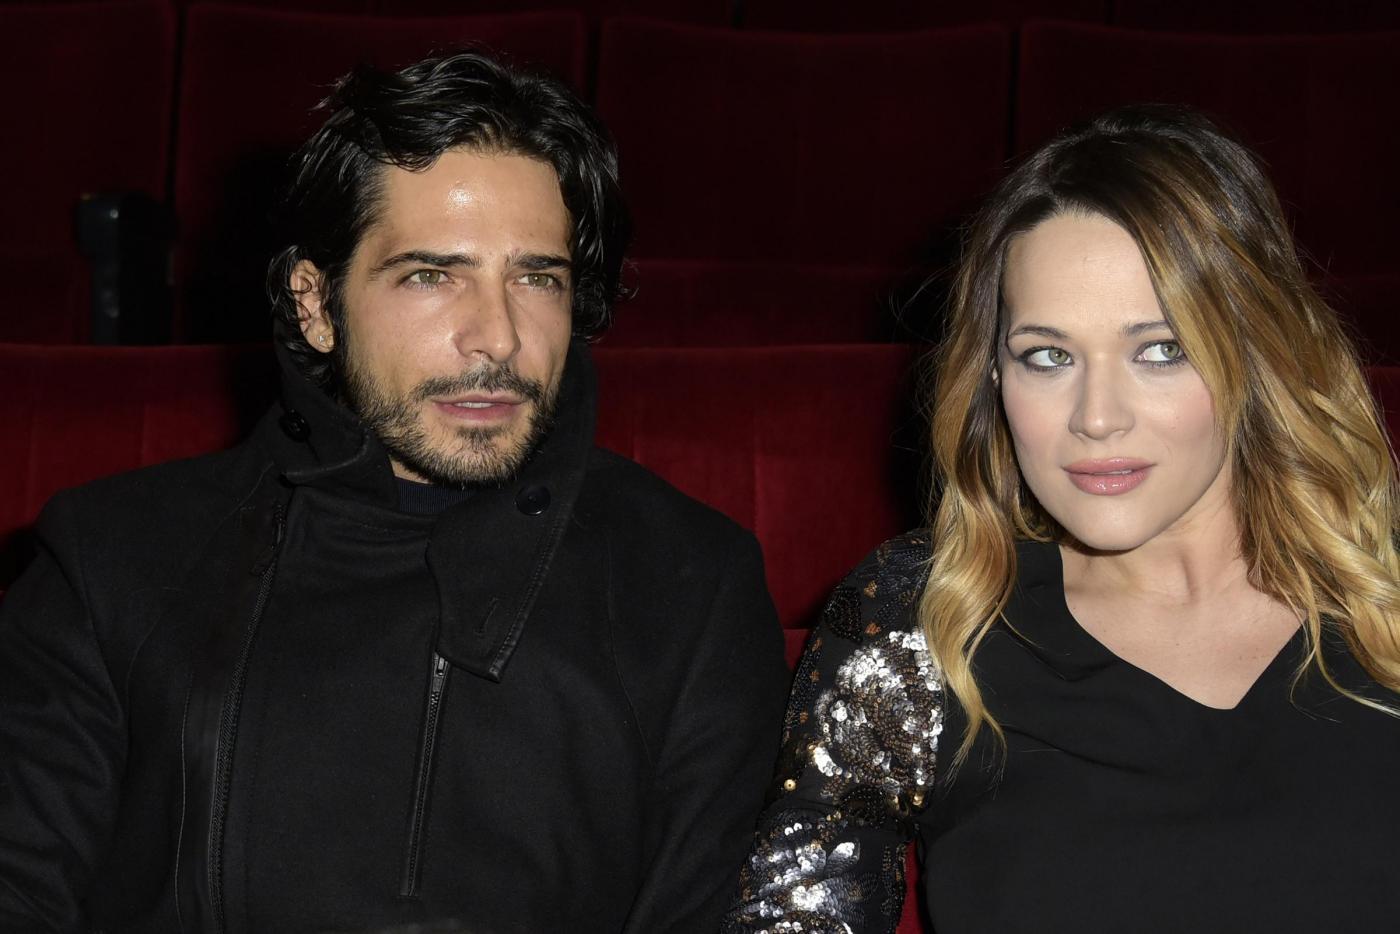 Marco Bocci e Laura Chiatti news, l'attore di Squadra Antimafia: 'Mi piacerebbe fare un film con mia moglie'